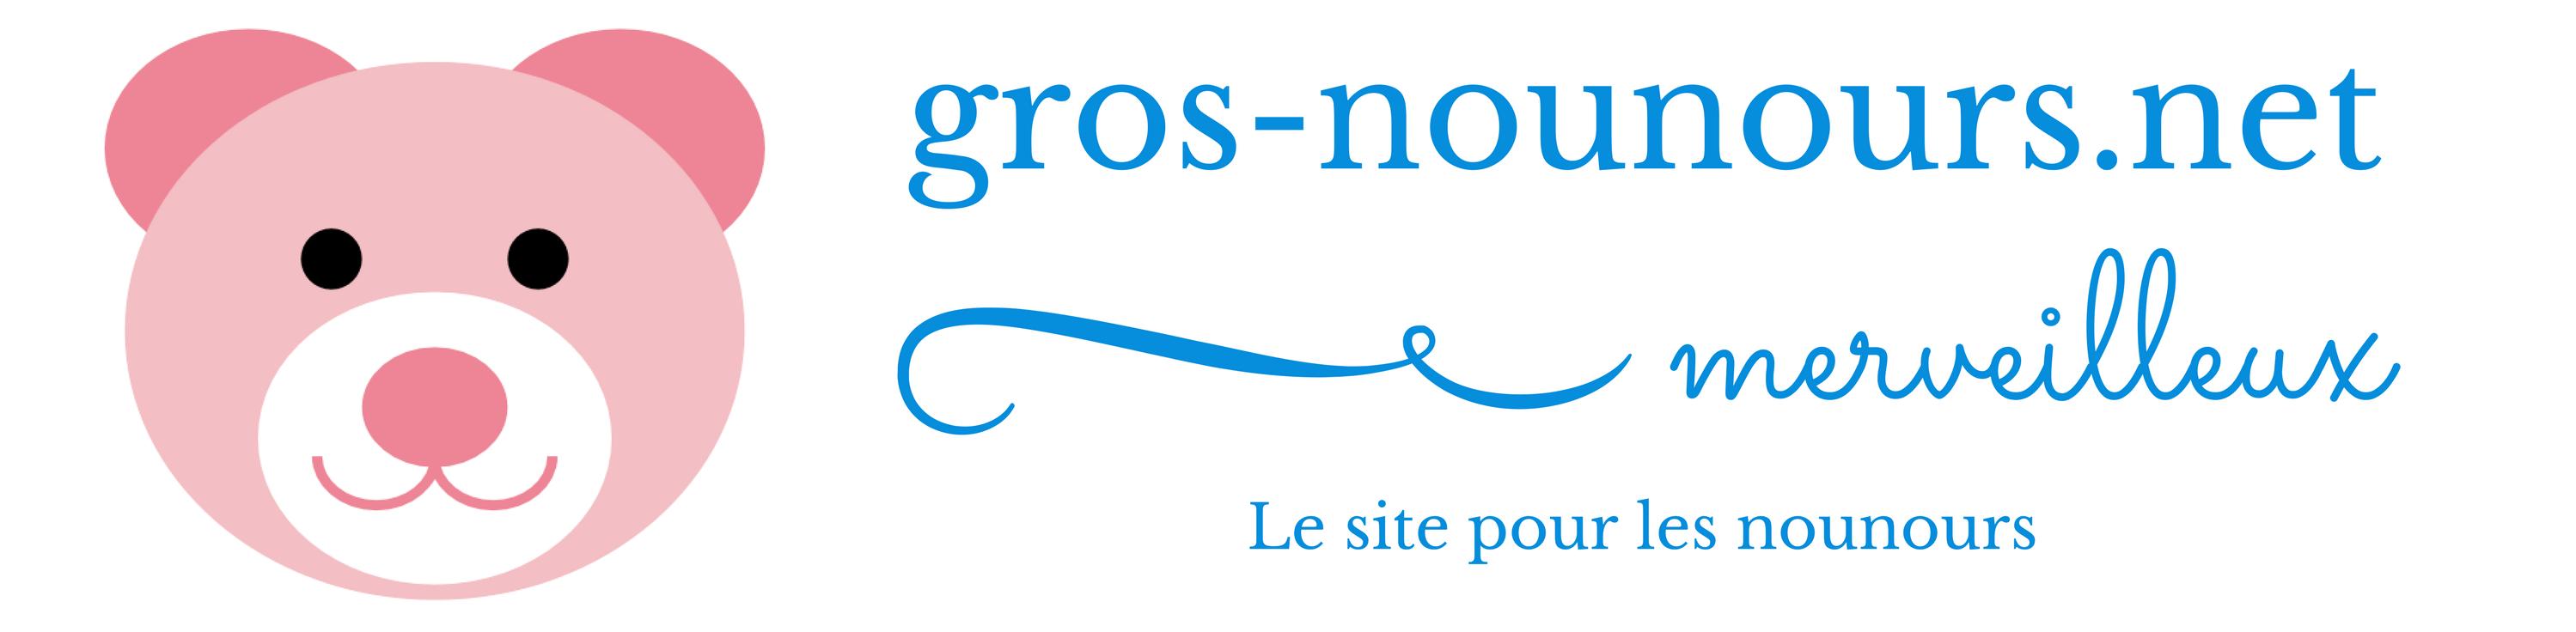 Gros nounours.net mervveilleux. Le site pour les nounours